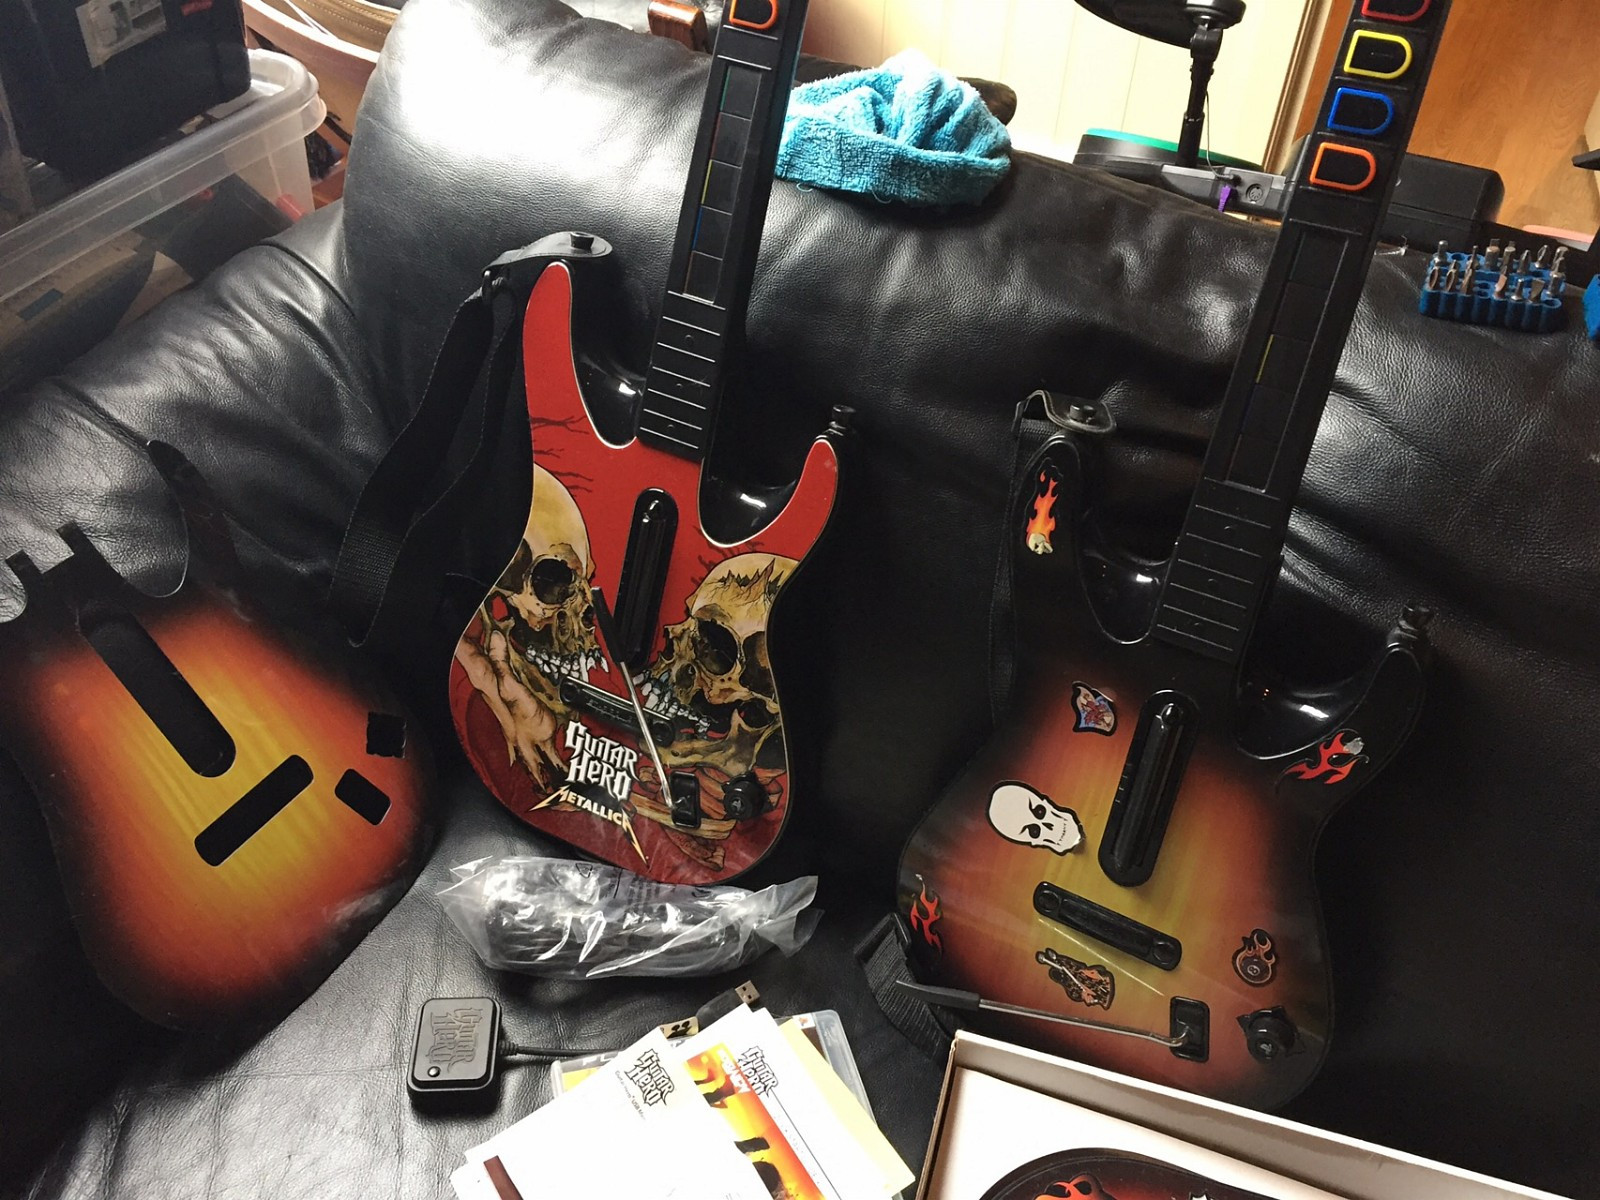 Guitar Hero World tour PS3 - Rælingen  - Guitar Hero World tour til PS3 med to gitarer, mikrofon og trommesett. Den ene gitaren er Metallica edition, har bare en trommestikke til trommesettet. Finner bare en trådløs mottaker til gitarene. Micen er aldri tatt ut av plasten. Her er  - Rælingen